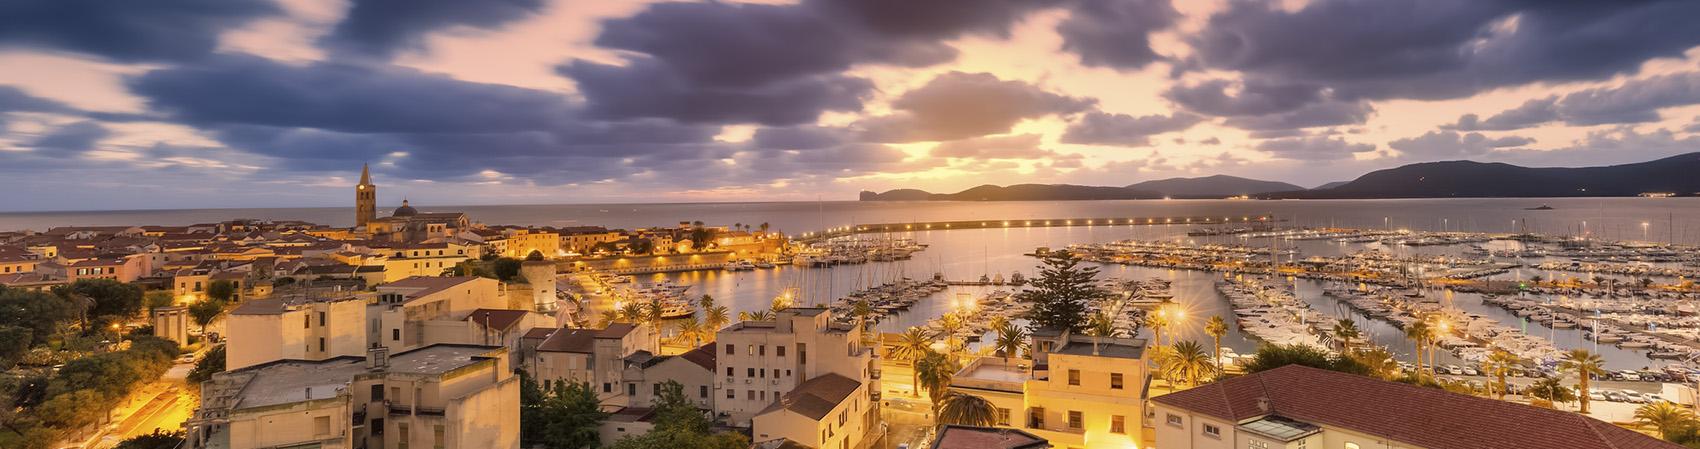 Tramonto su Alghero Sardegna